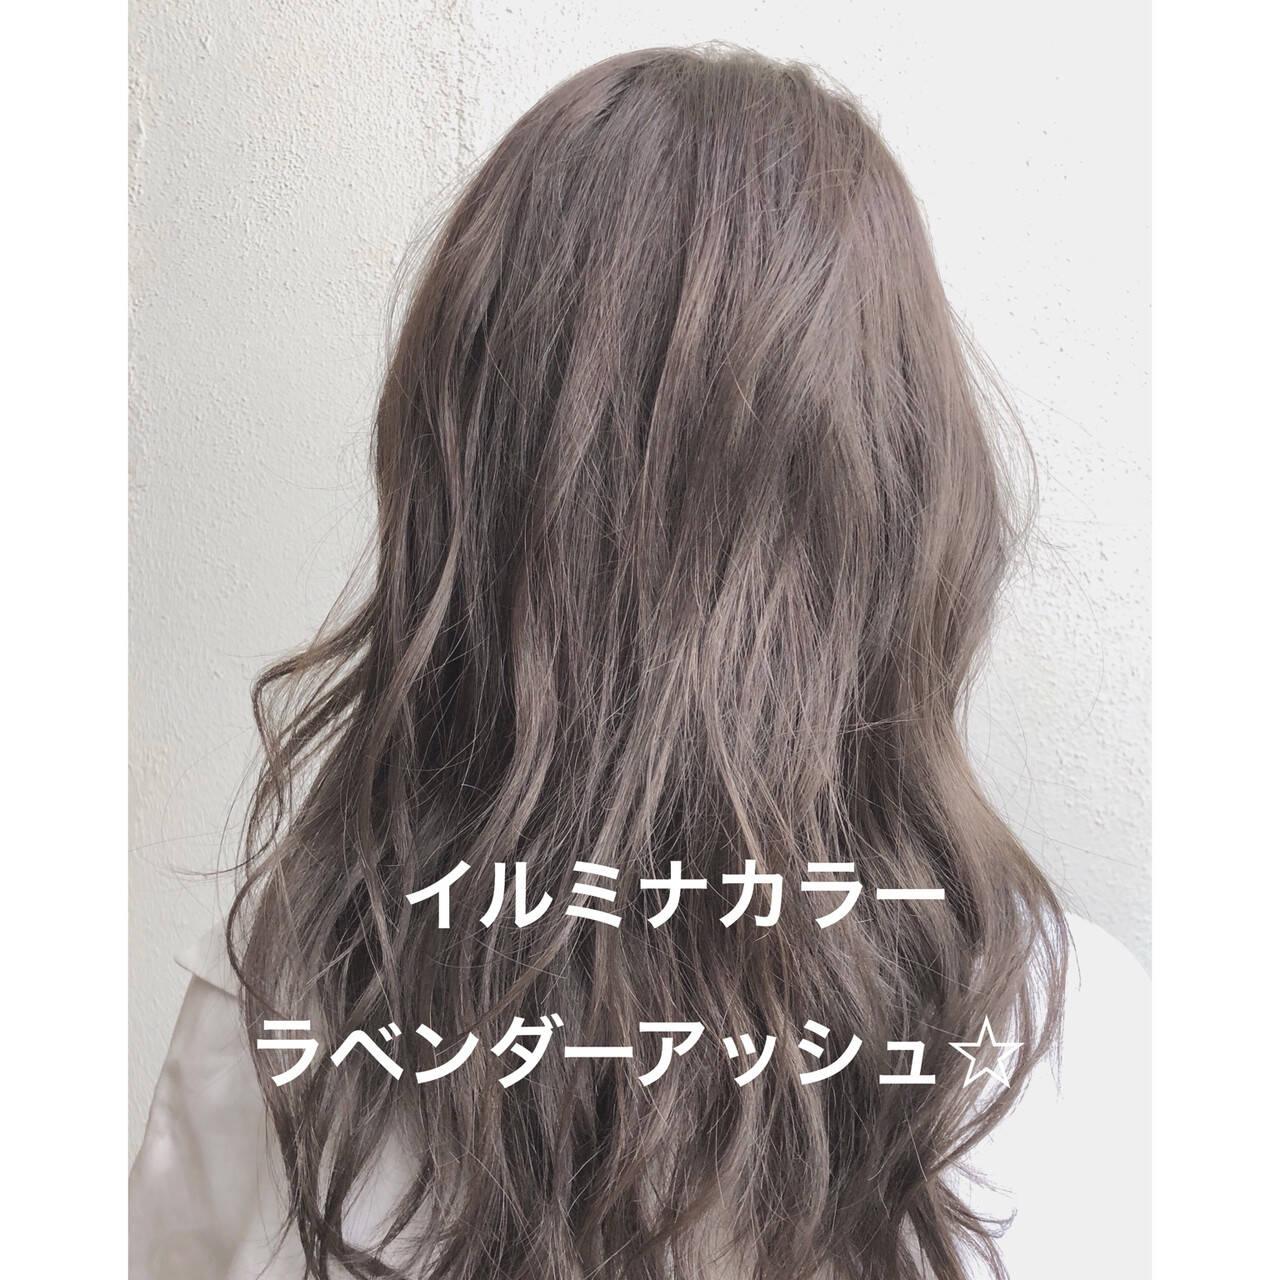 パーマ イルミナカラー セミロング ゆるふわヘアスタイルや髪型の写真・画像